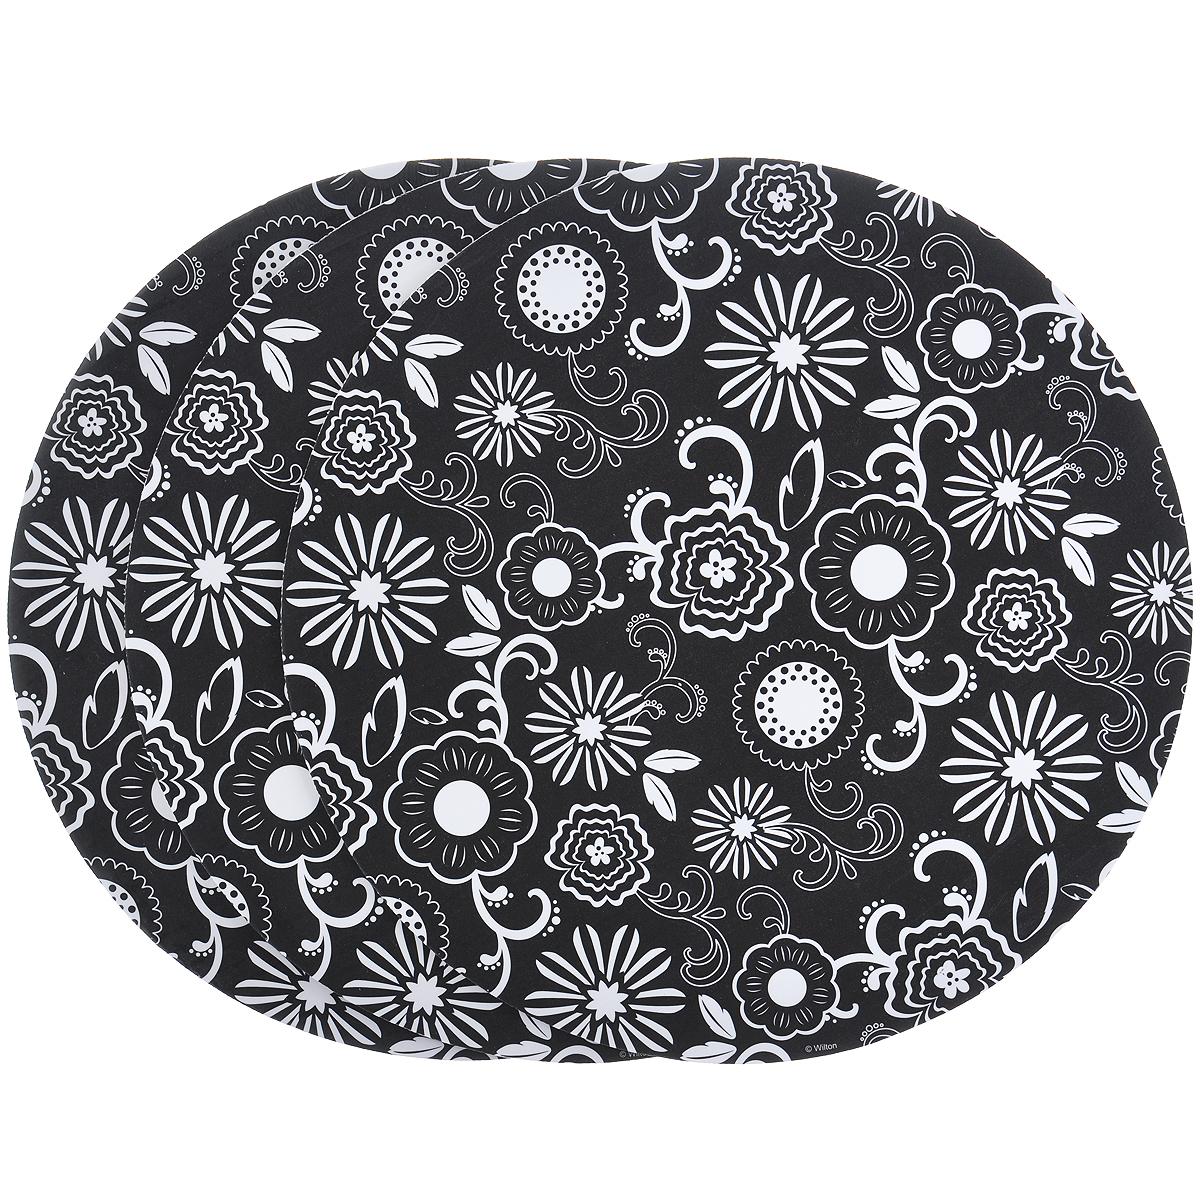 Основа для торта Wilton Белые цветы, диаметр 30,5 см, 3 штWLT-2104-0398Основа Wilton Белые цветы выполнена из гофрированного картона с жиронепроницаемым покрытием и оформлена белыми цветами. Предназначена для сервировки тортов, пицц, небольших праздничных угощений, закусок и т.п. Диаметр: 30,5 см. Толщина: 3 мм.